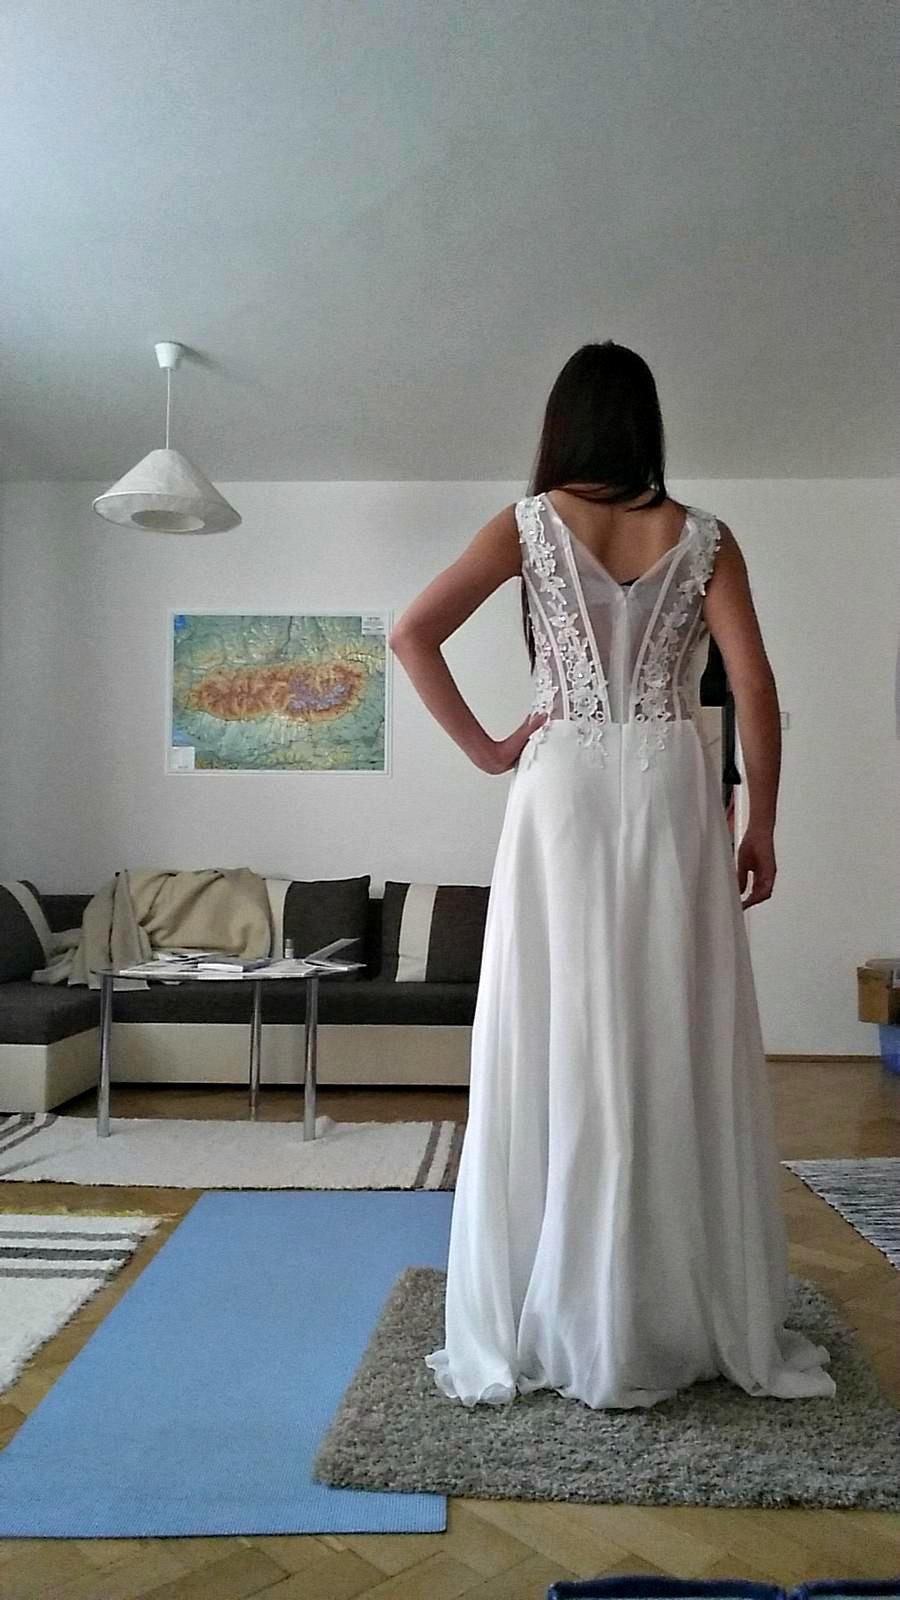 Svadobné, plesové alebo popolnočné biele dlhé šaty - Obrázok č. 2